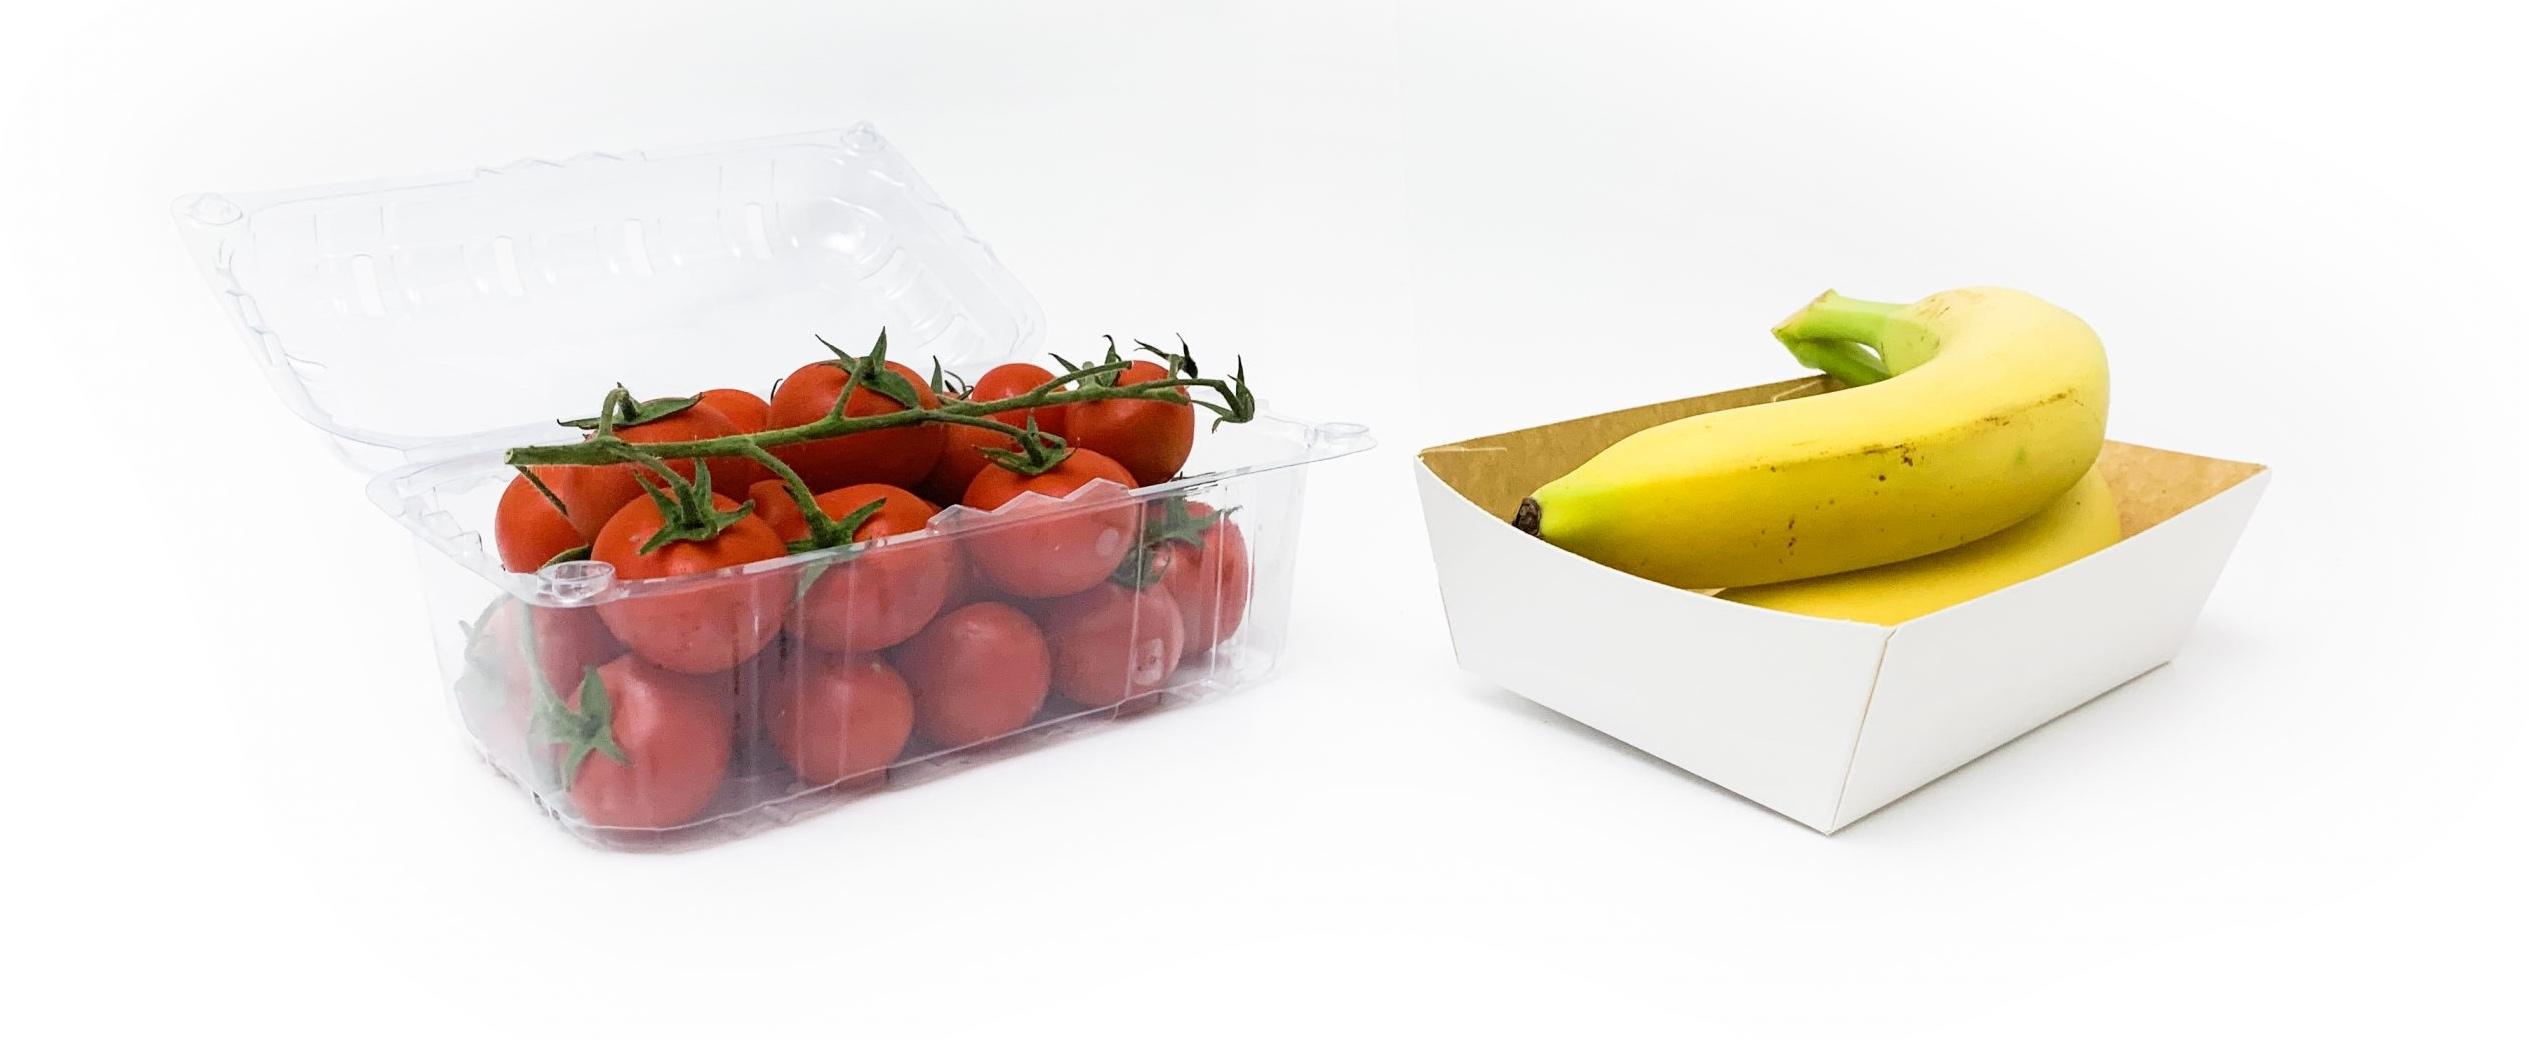 short Tomatoes bananas